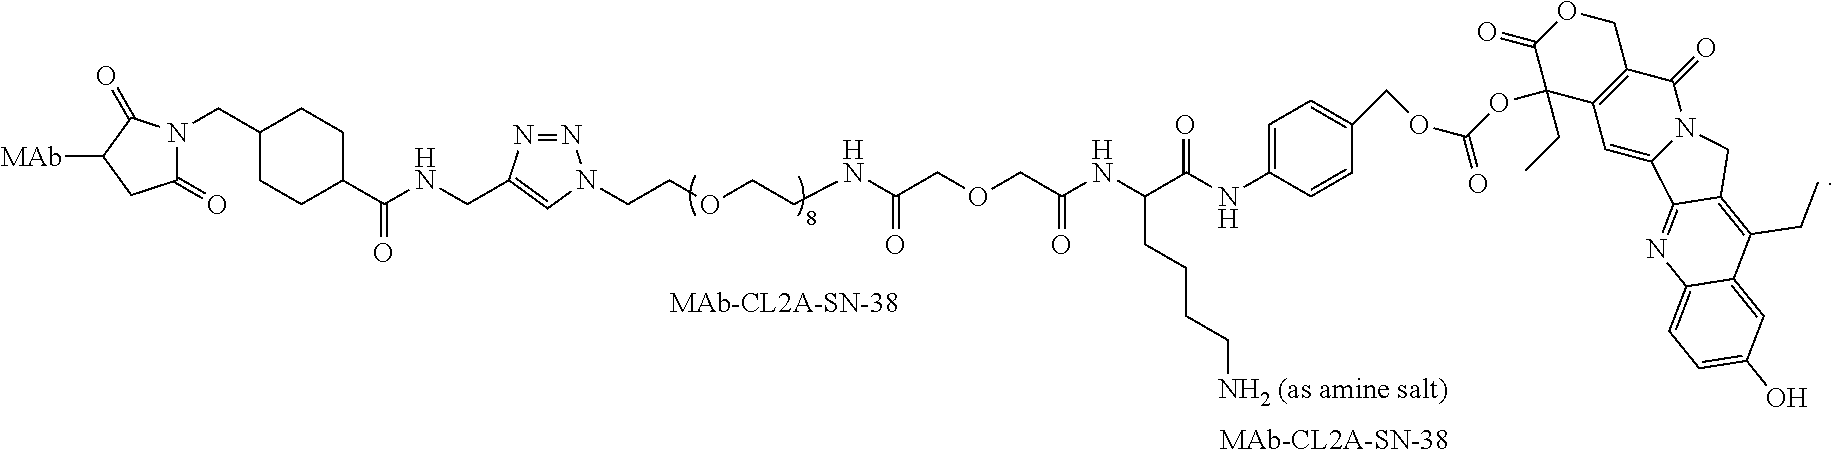 Figure US09492566-20161115-C00001